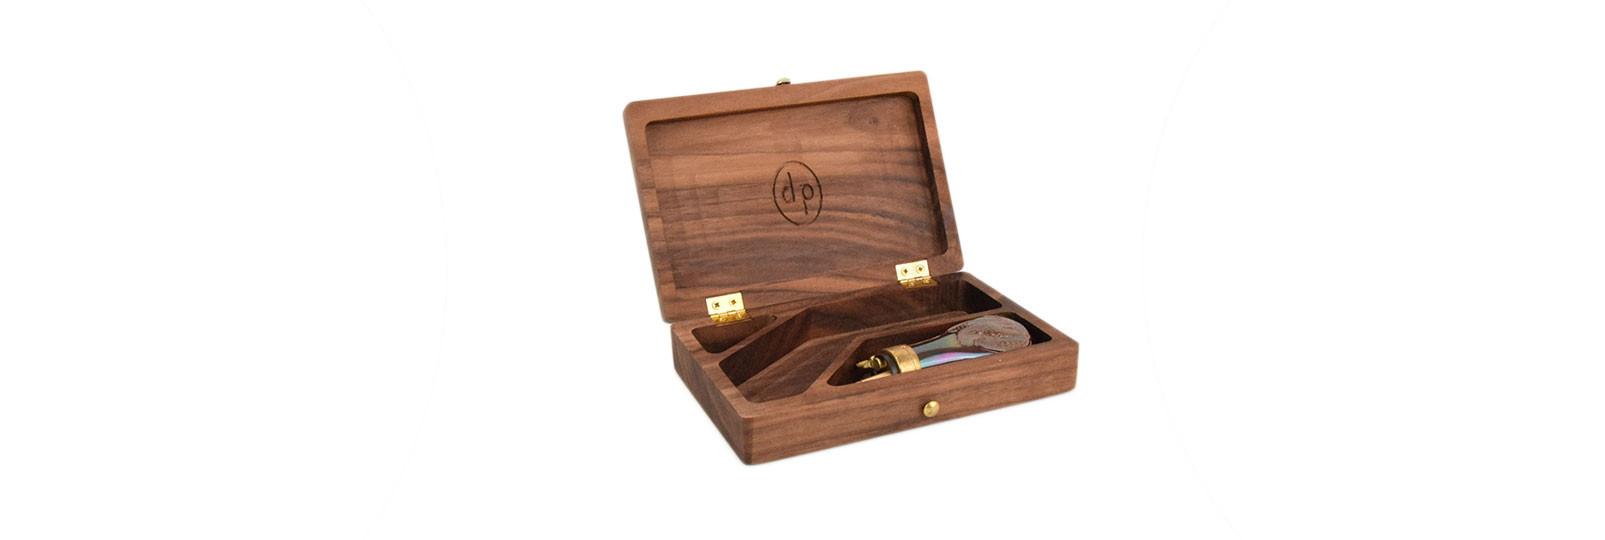 Derringer liegi wood case